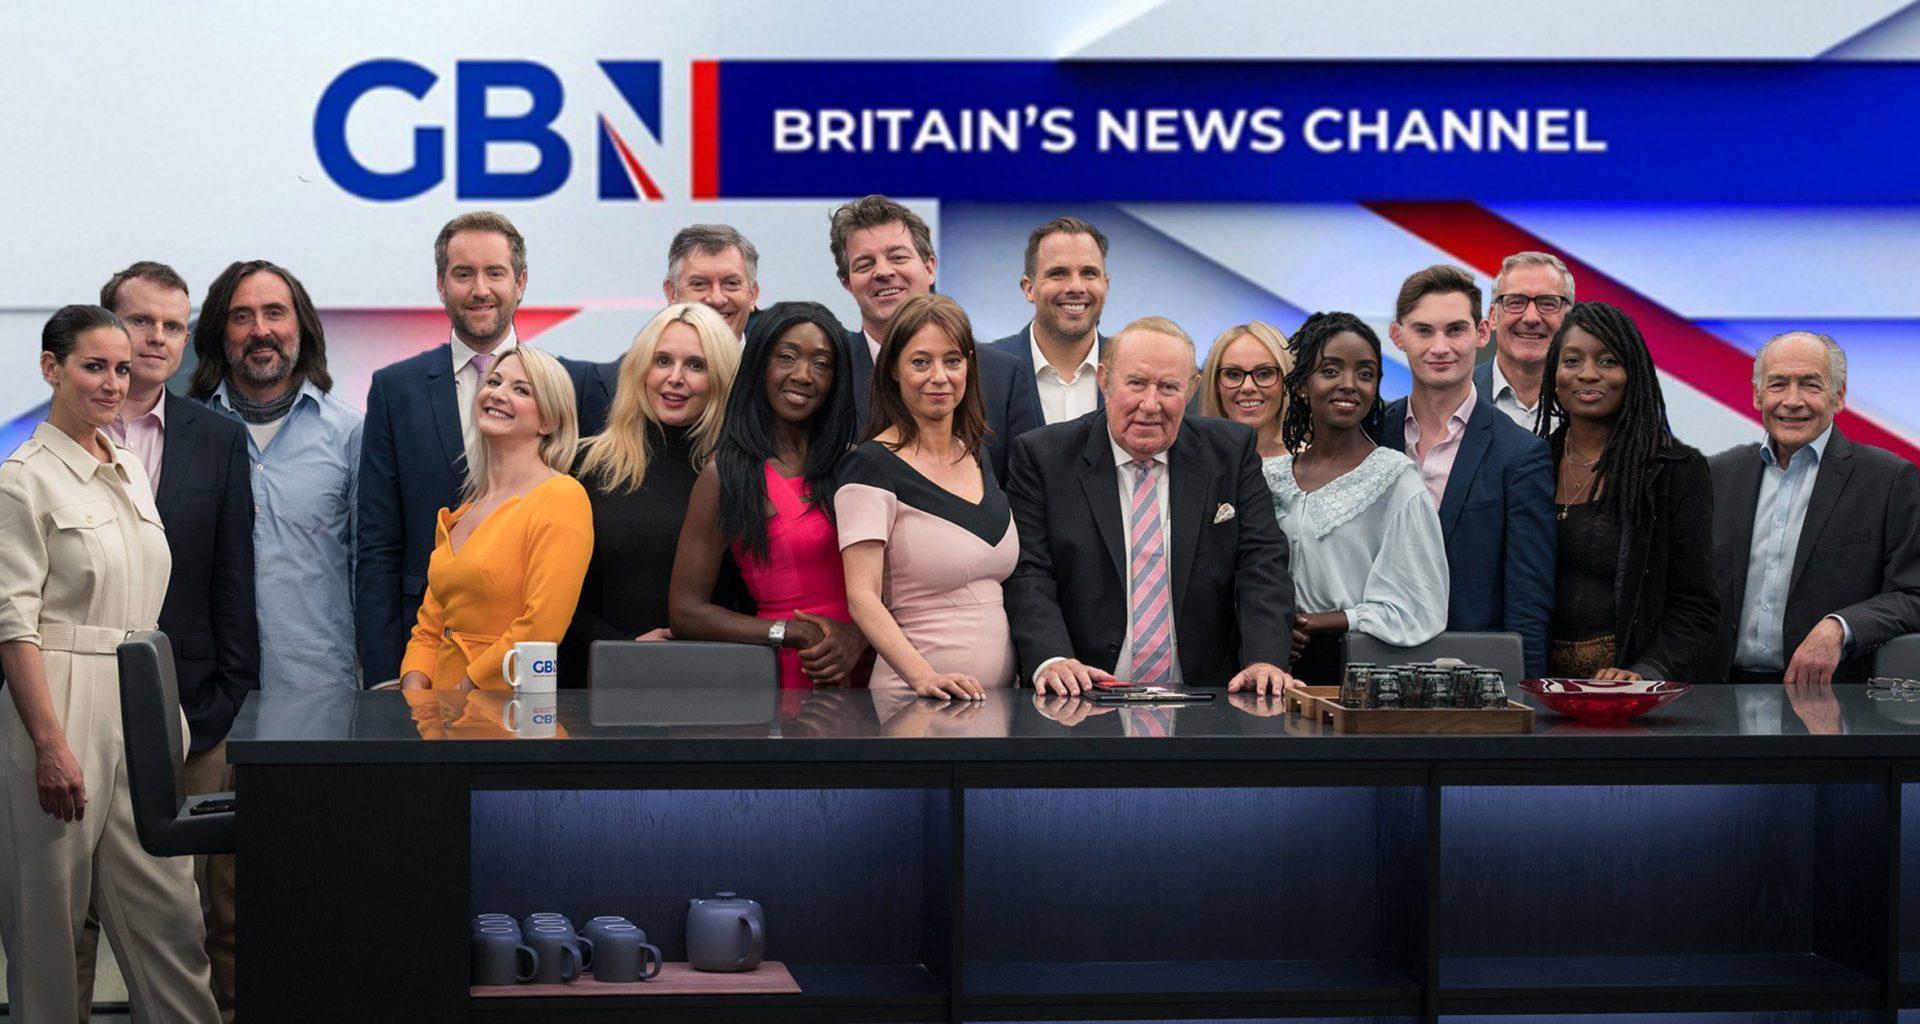 GB News ekibinin toplu fotoğrafı